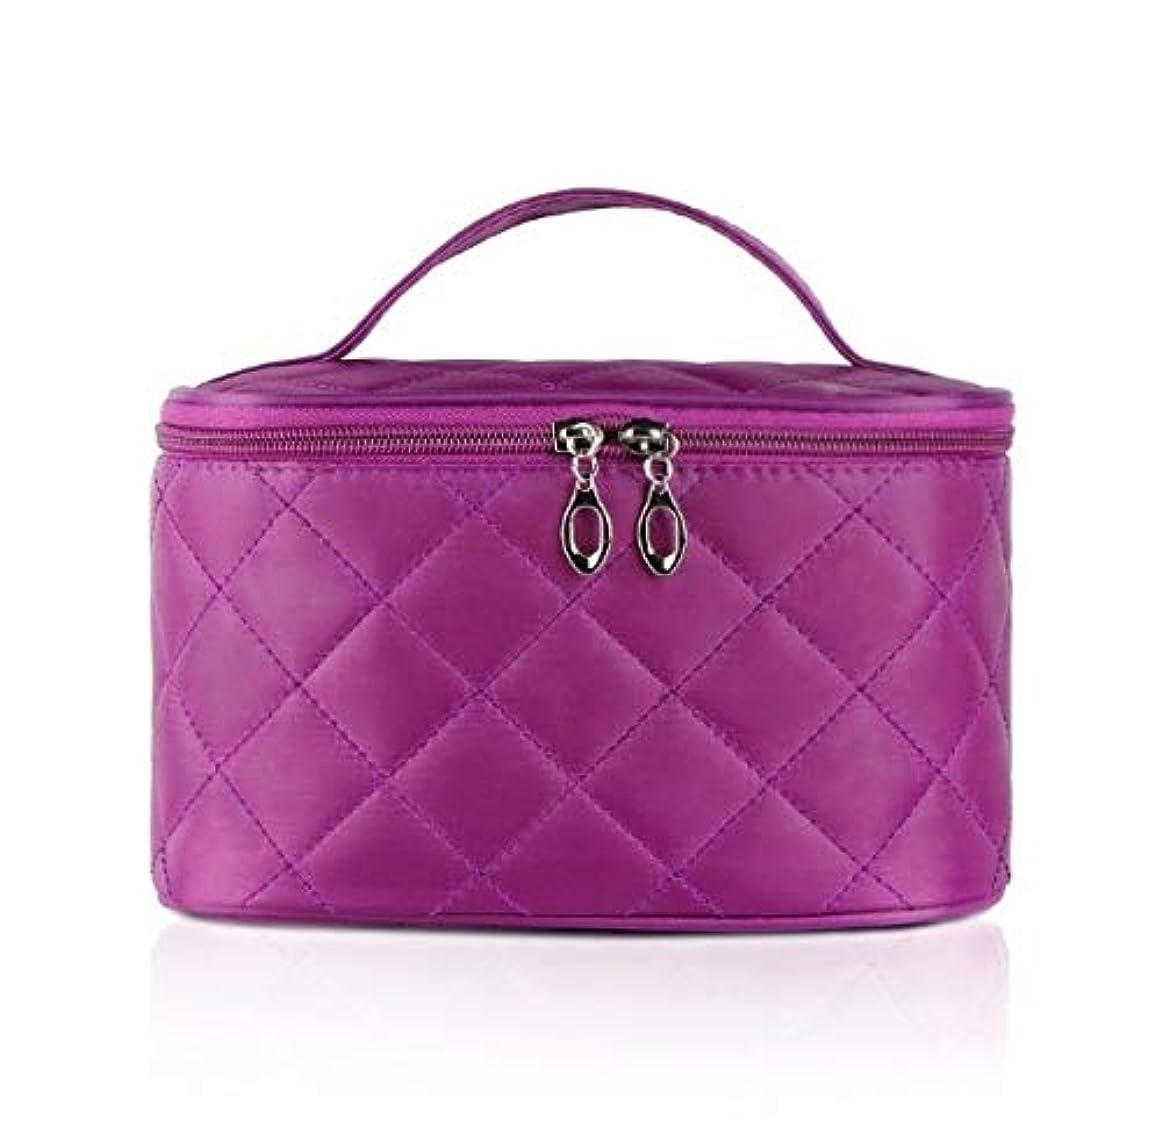 慈悲頑張るラブ化粧箱、簡単な菱形の正方形の携帯用化粧品袋、携帯用携帯用旅行化粧品の箱、美の釘の宝石類の収納箱 (Color : Purple)